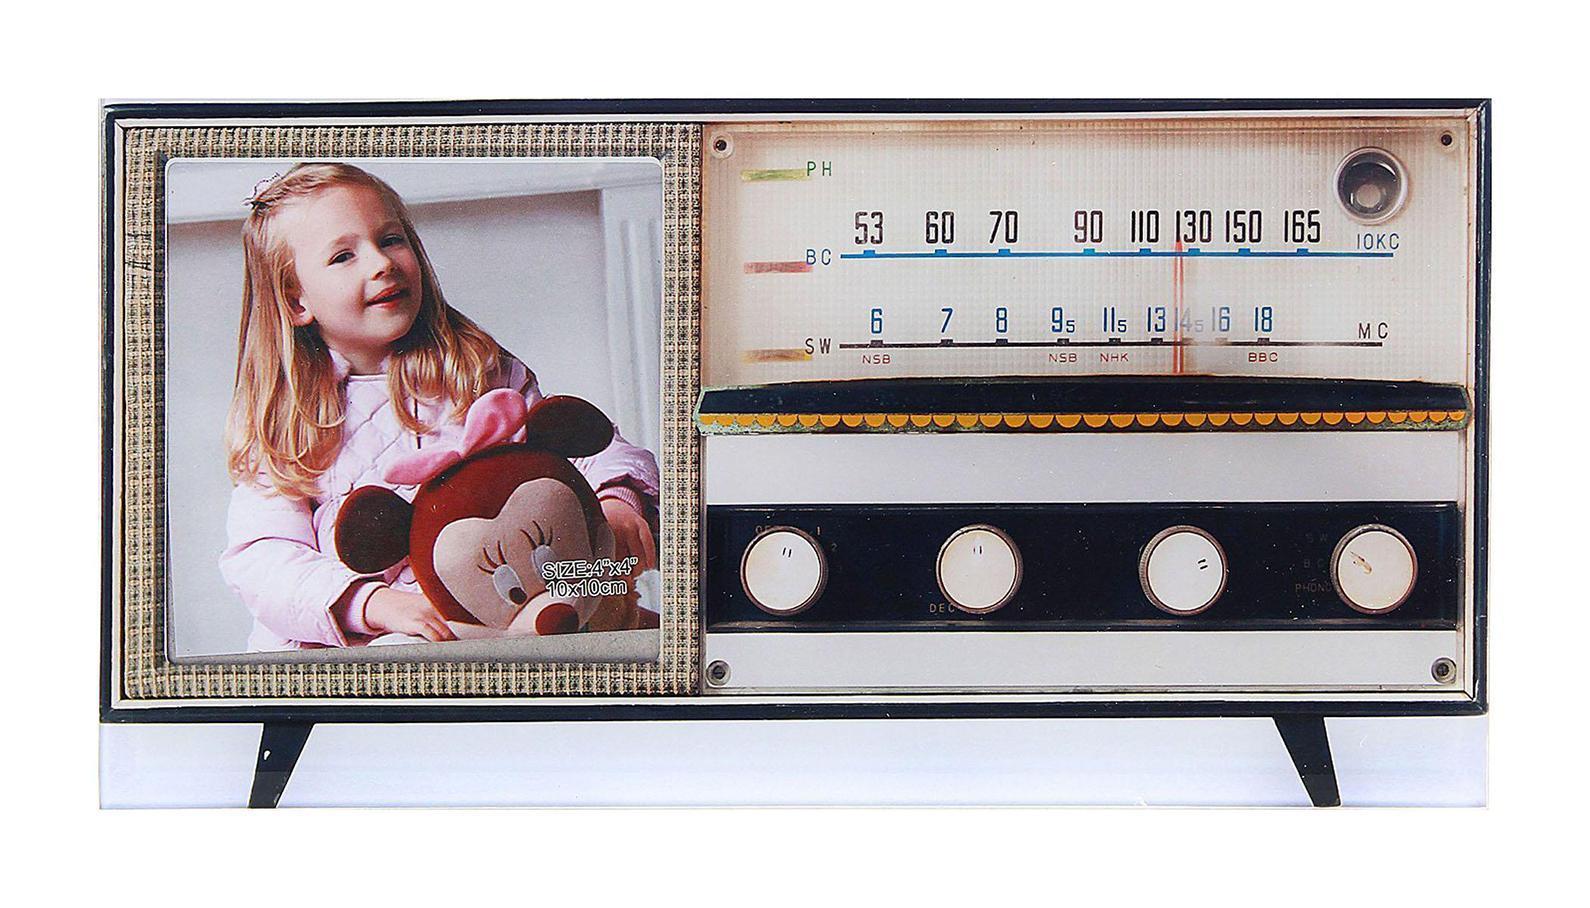 Фоторамка Sima-land Старый проигрыватель, цвет: белый, черный, 10 х 10 см133424Декоративная фоторамка Sima-land Старый проигрыватель выполнена из стекла и декорирована изображением старого проигрывателя. Обратная сторона рамки оснащена специальной ножкой, благодаря которой ее можно поставить на стол или любое другое место в доме или офисе. Такая фоторамка украсит ваш интерьер оригинальным образом, а также позволит сохранить память о дорогих вам людях и интересных событиях вашей жизни. С ней вы сможете не просто внести в интерьер своего дома элемент оригинальности, но и создать атмосферу загадочности и изысканности.